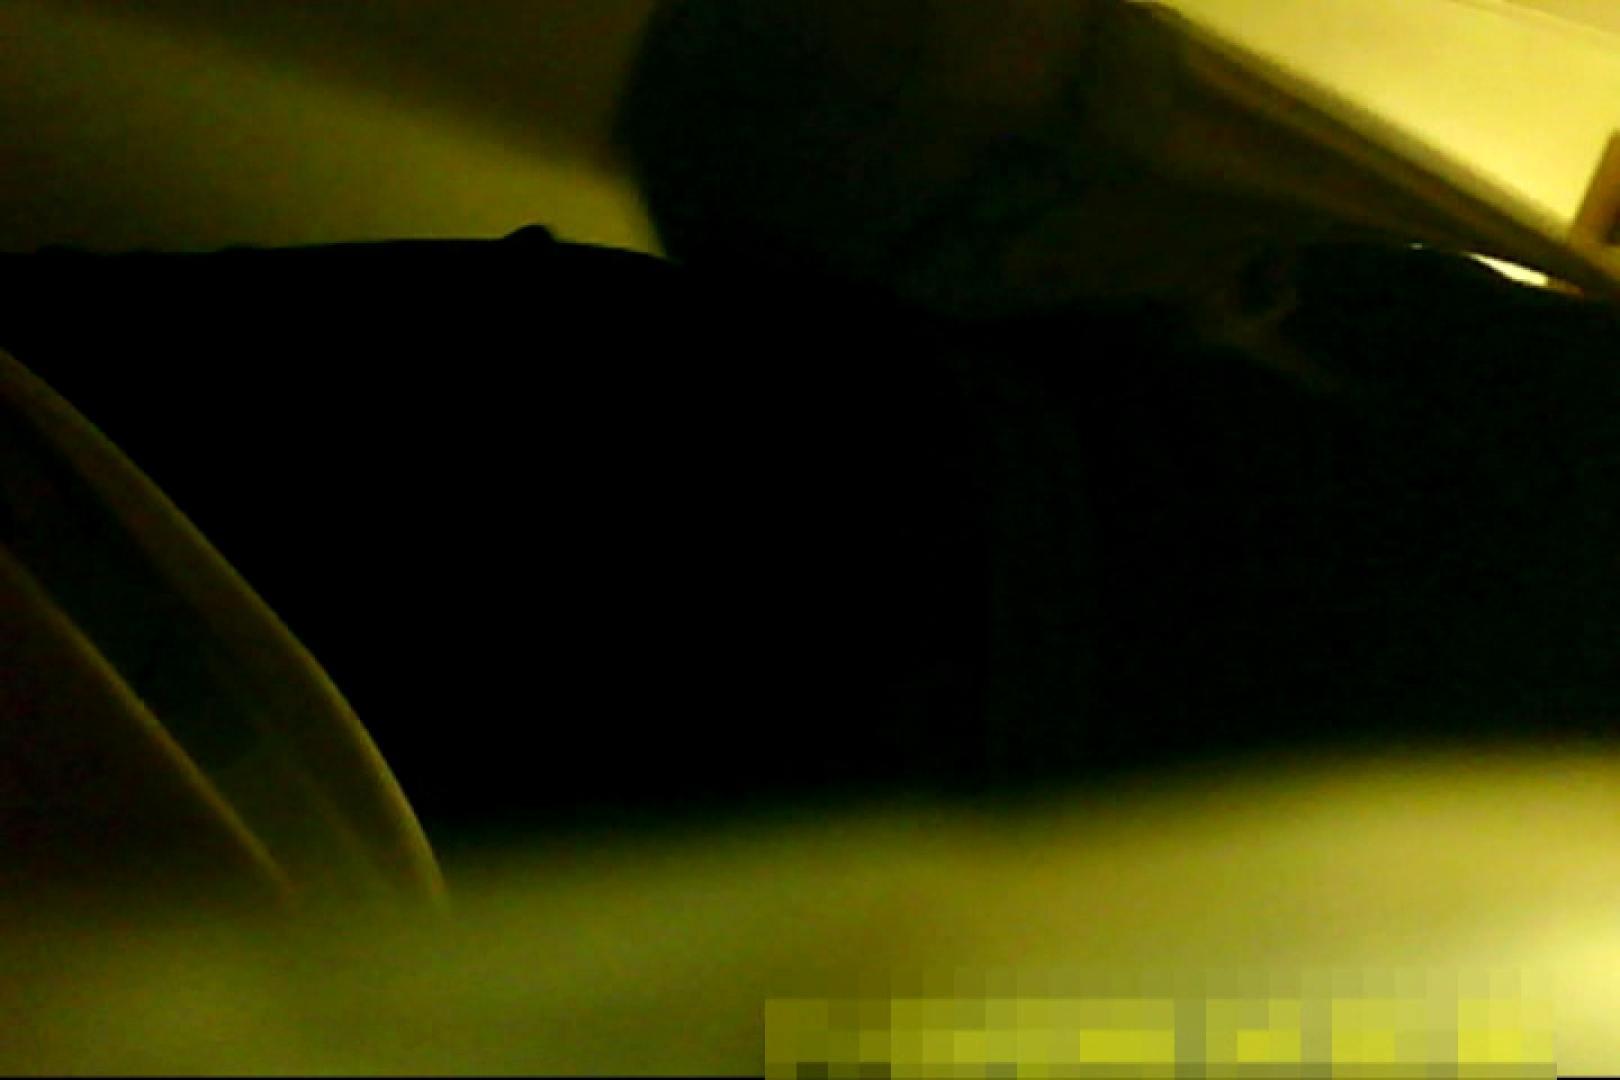 魅惑の化粧室~禁断のプライベート空間~31 プライベート | 洗面所  101枚 64